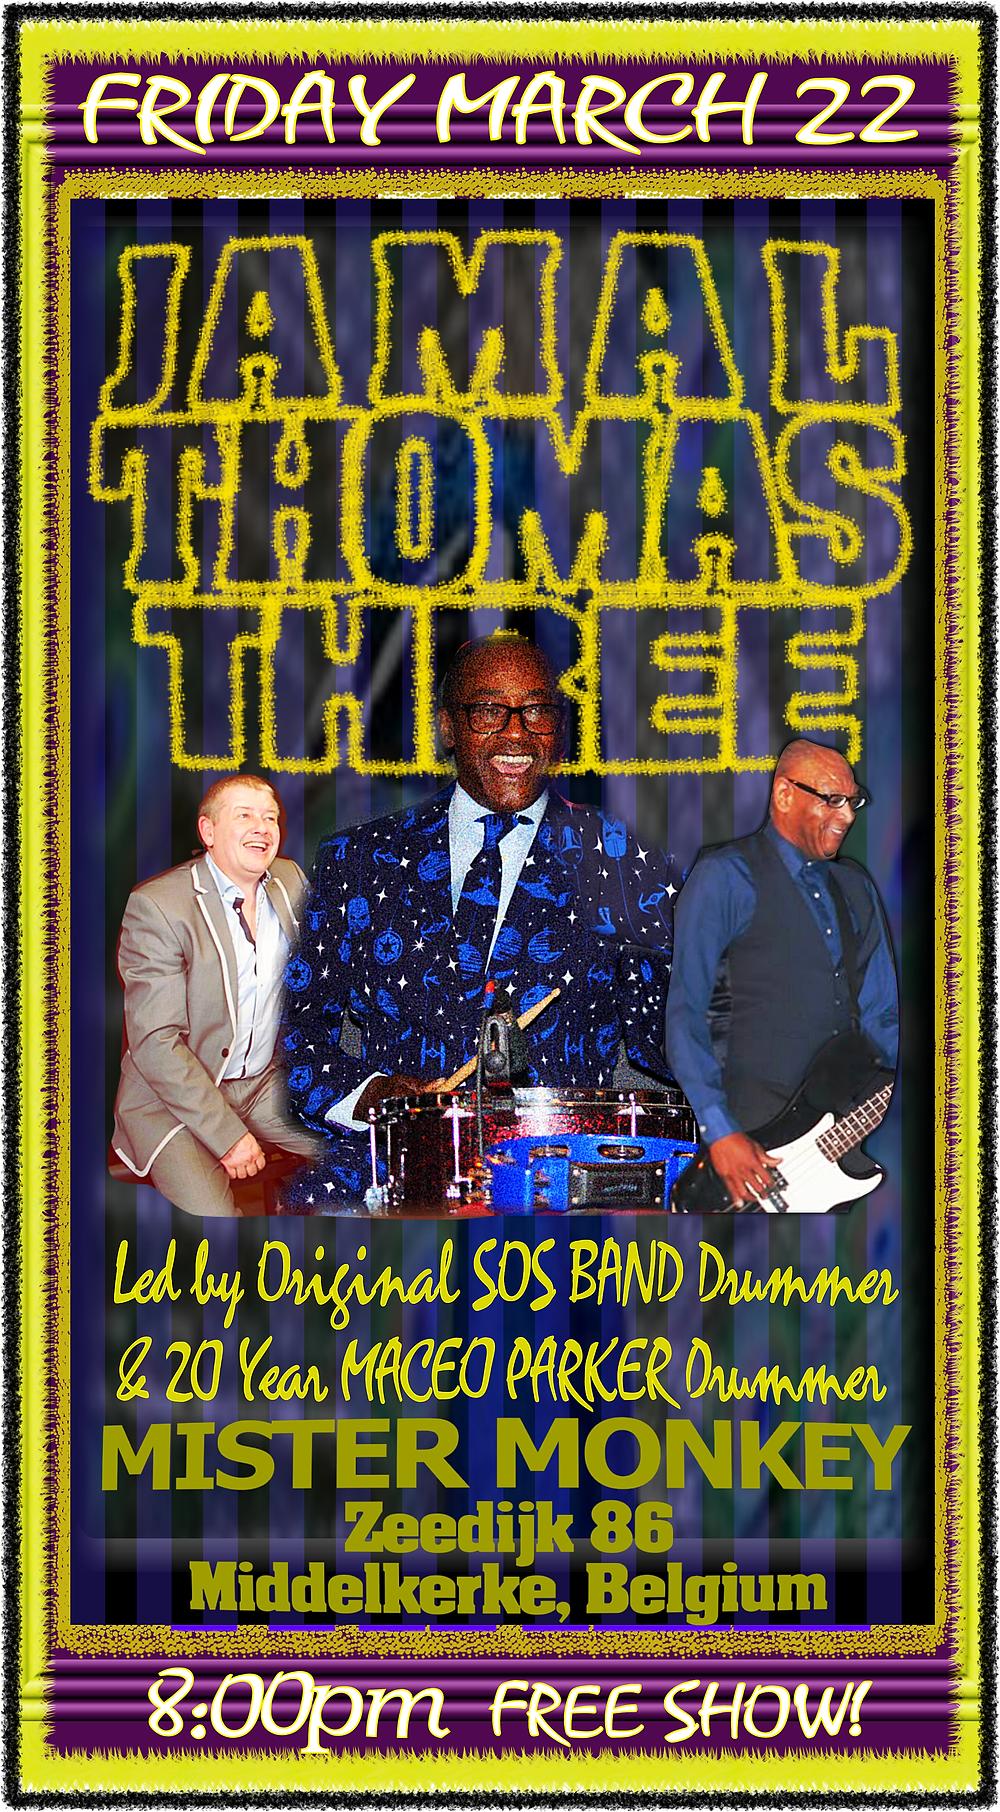 Jamal Thimas, Myke Rock & Eddie Alberts Live at Mister Monkey in Middelkerker, Belgium!